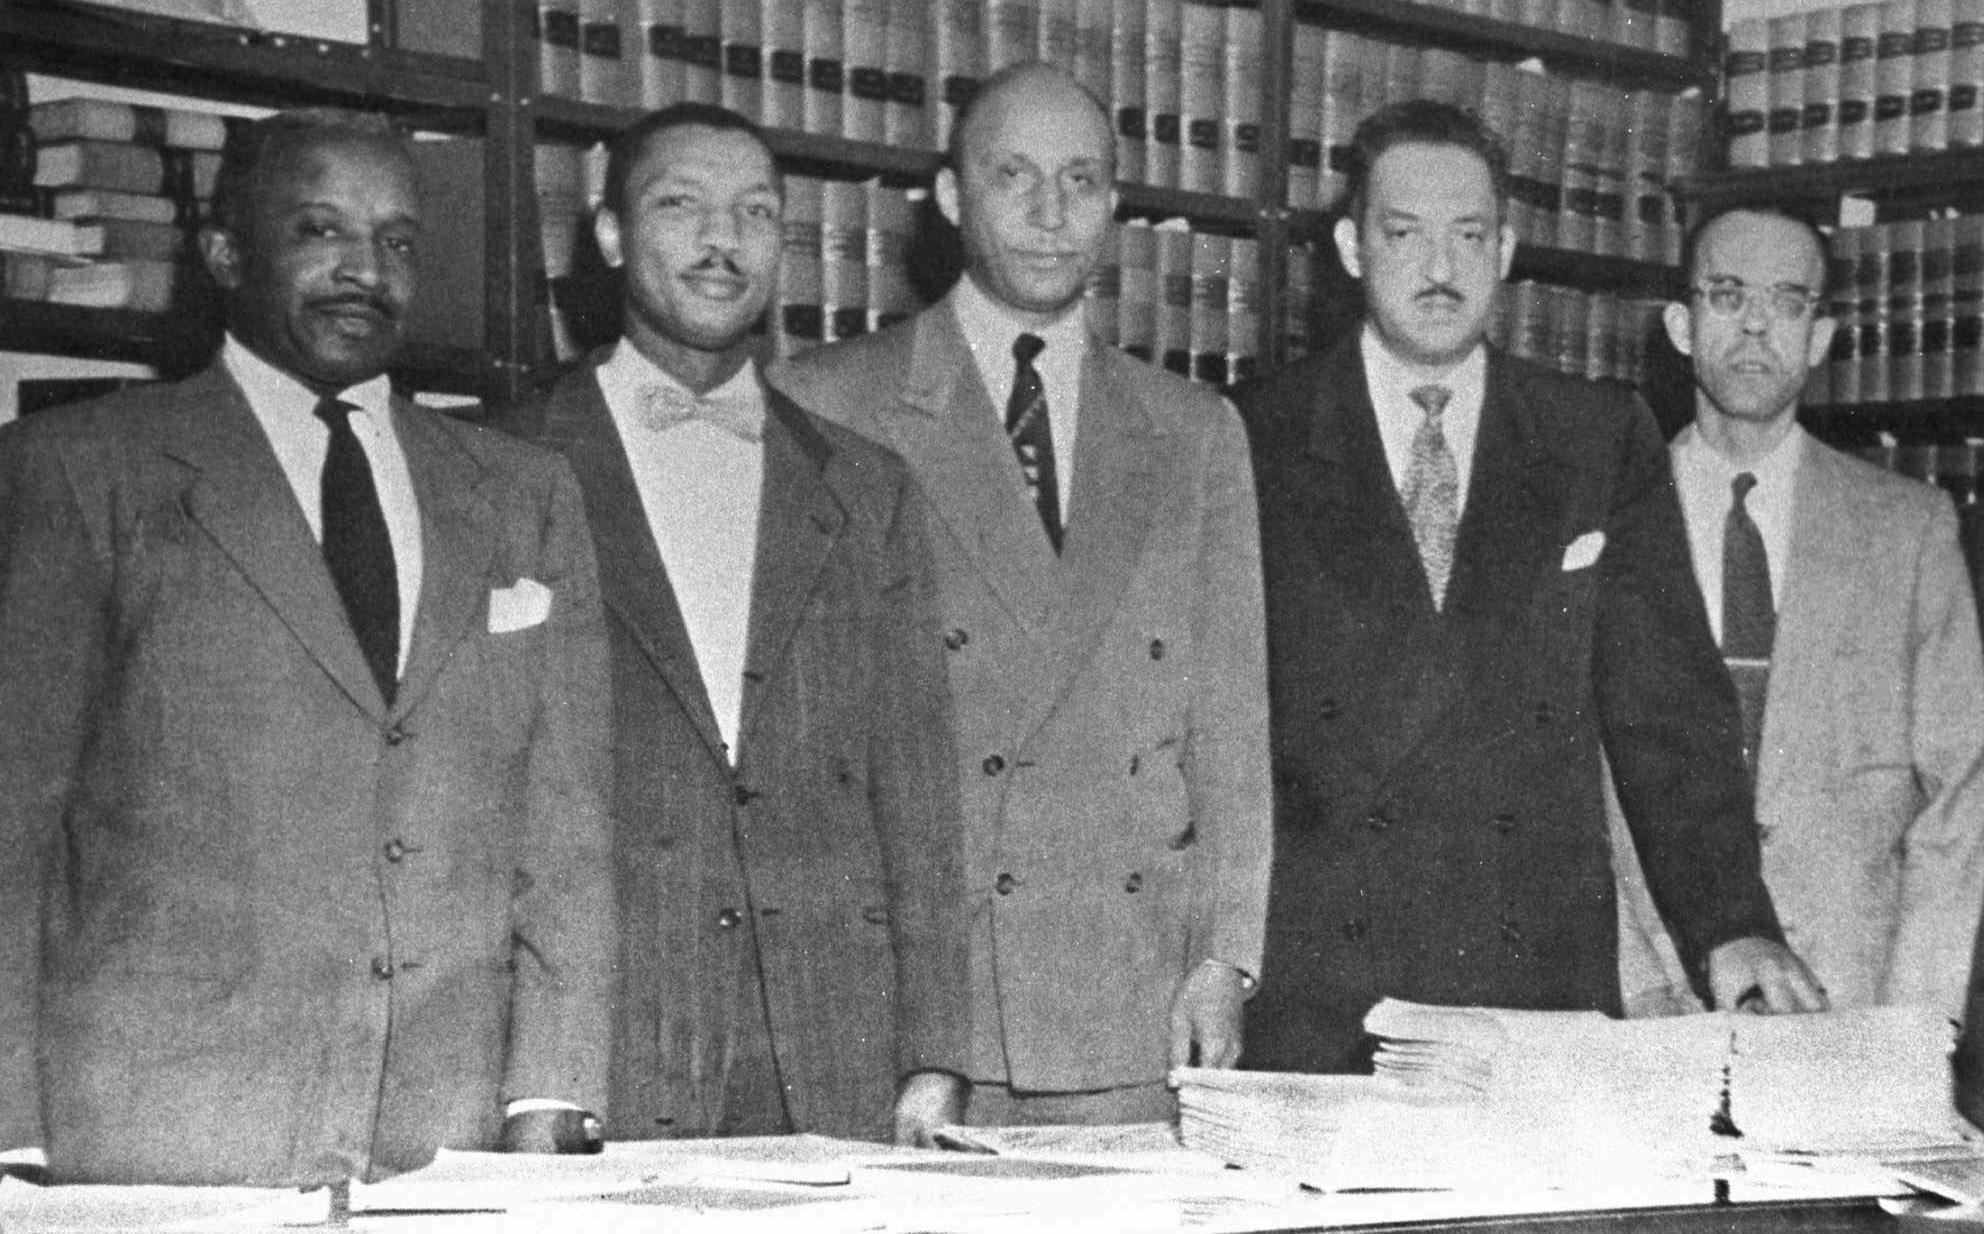 Louis L. Redding; Robert L. Carter; Oliver W. Hil; Thurgood Marshall; Spottswood W. Robinson III.